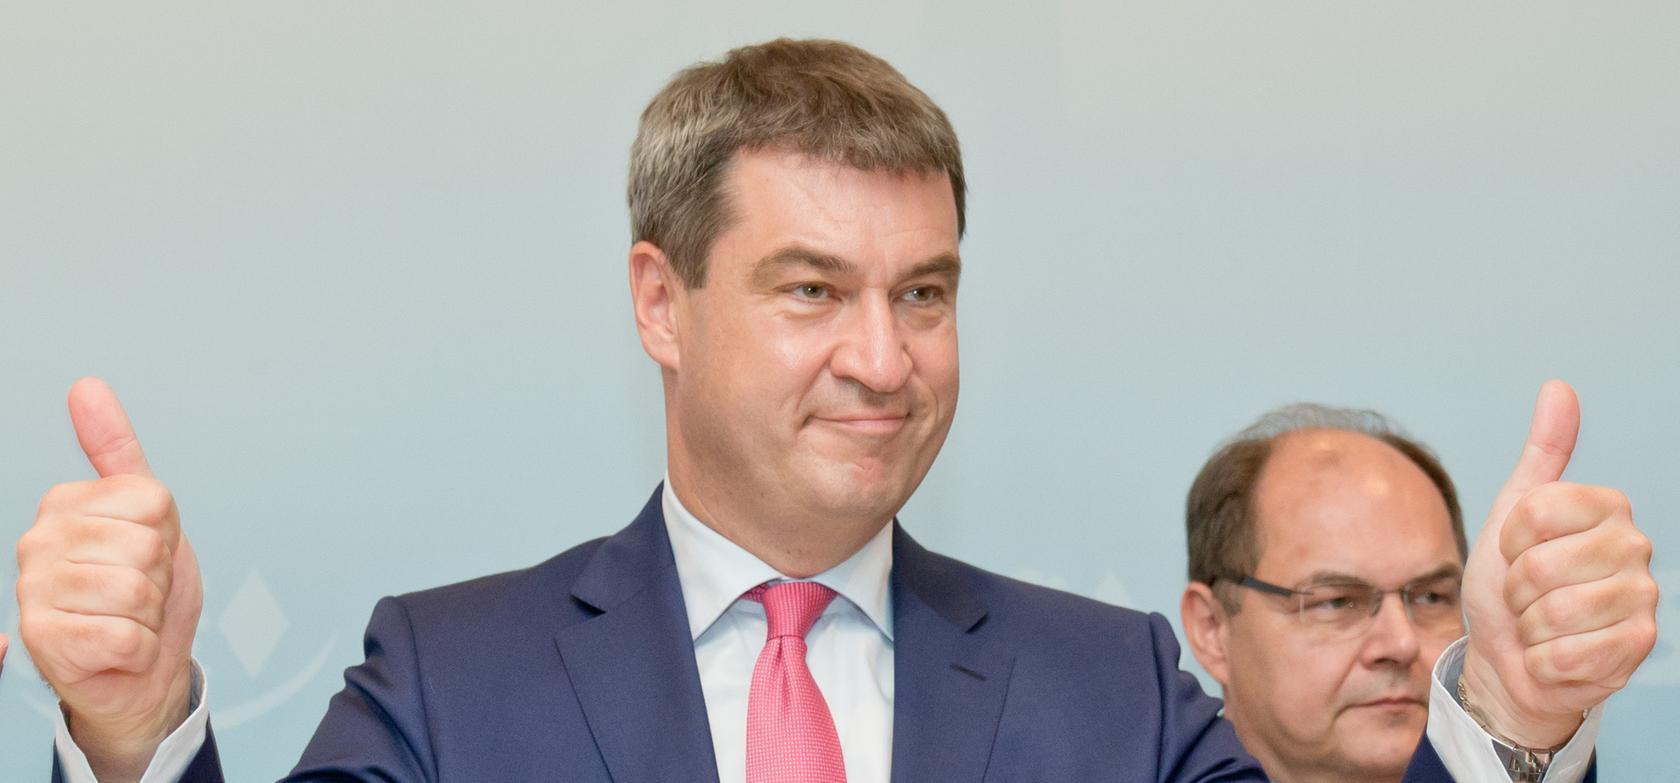 Daumen hoch: Markus Söder nach seiner Wiederwahl.